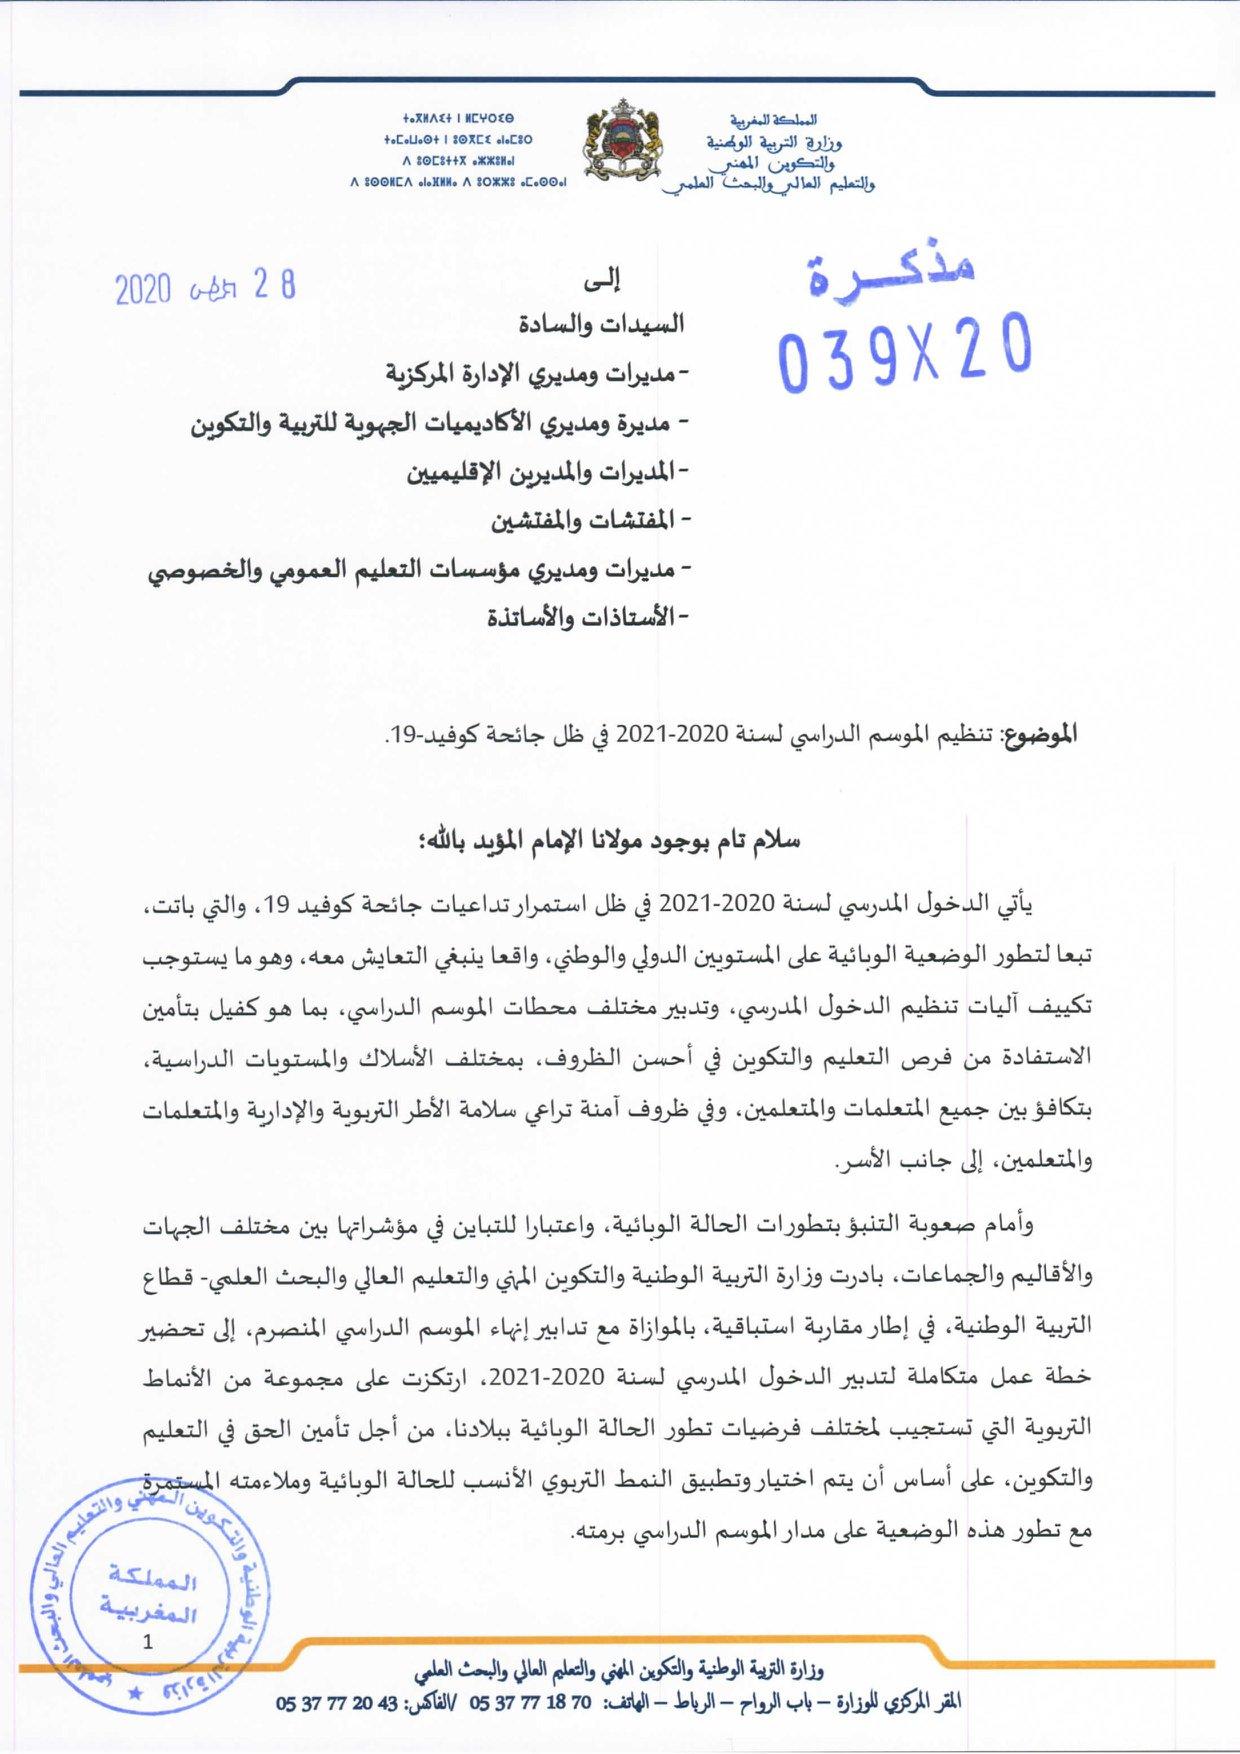 مذكرة وزارية رقم 20× 039: تنظيم الموسم الدراسي لسنة 2020-2021 في ظل جائحة كوفيد-19